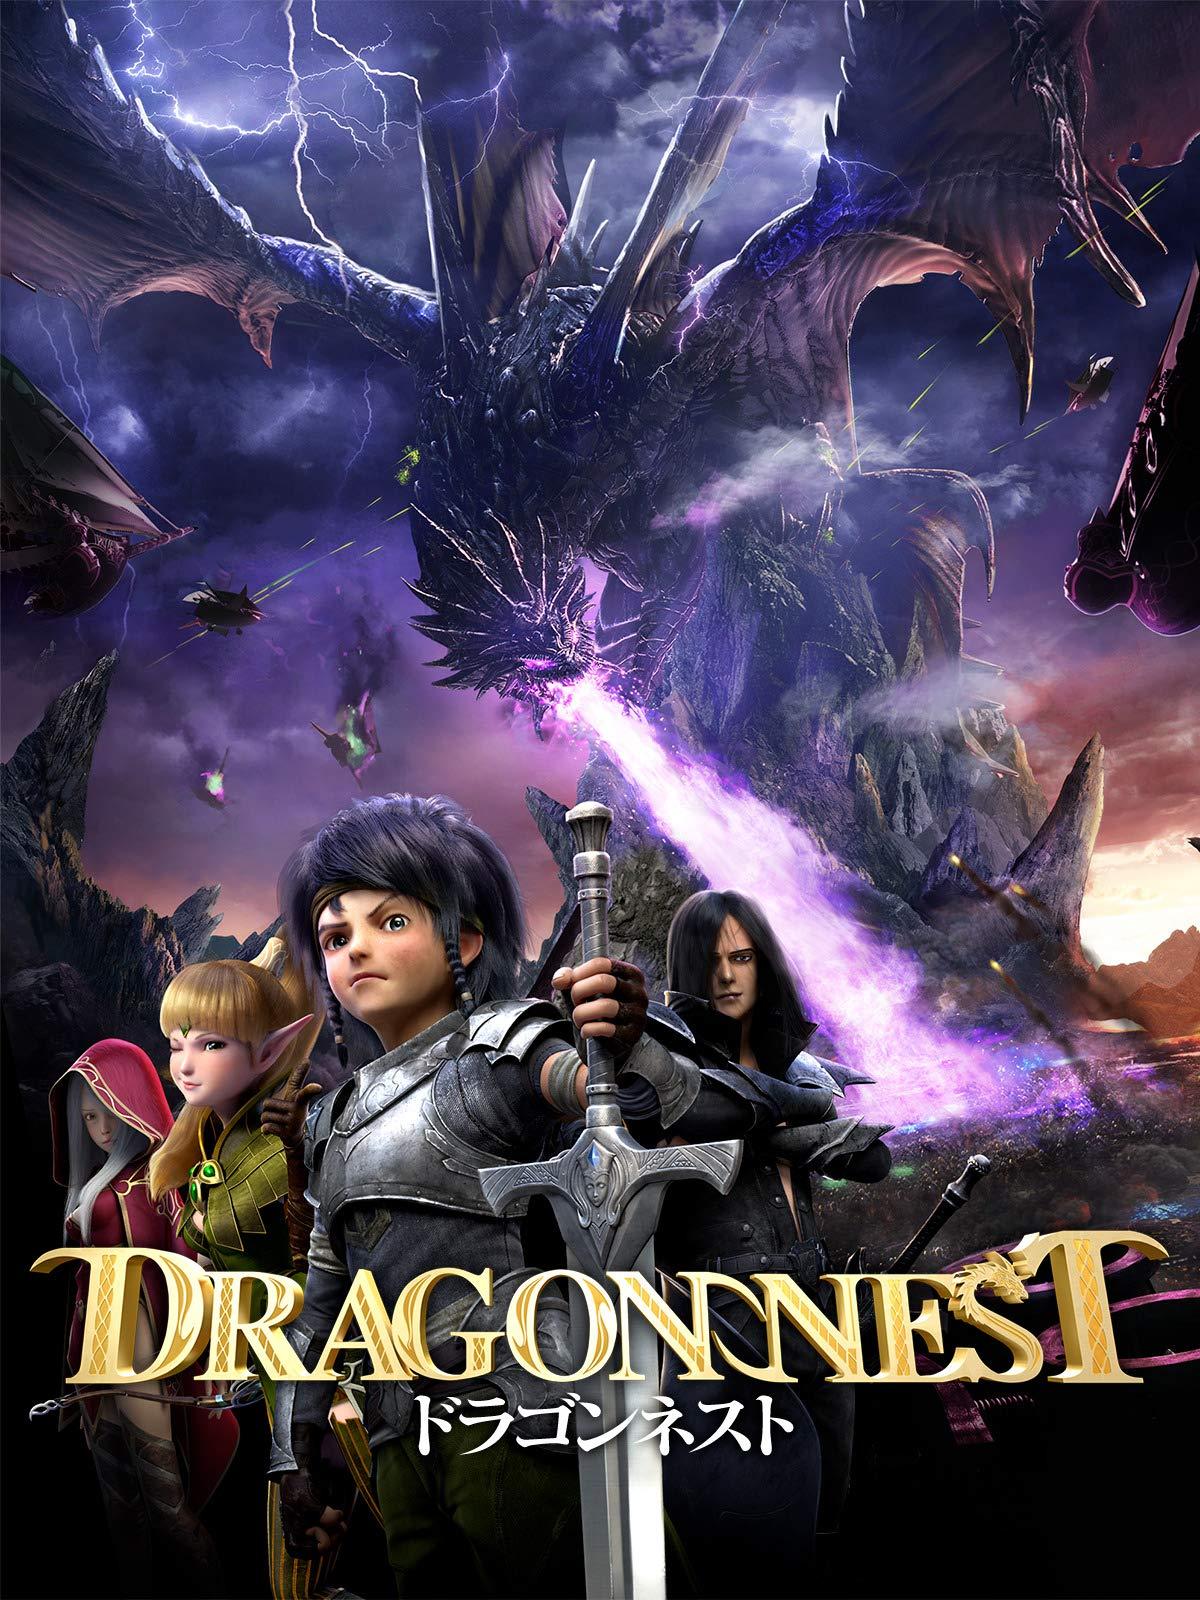 Amazon.co.jp: ドラゴンネスト(吹替版): チャーリー・シュラッター, ブライス・オーファース, キャリー=アン・モス,  ソン・ユエフォン: generic